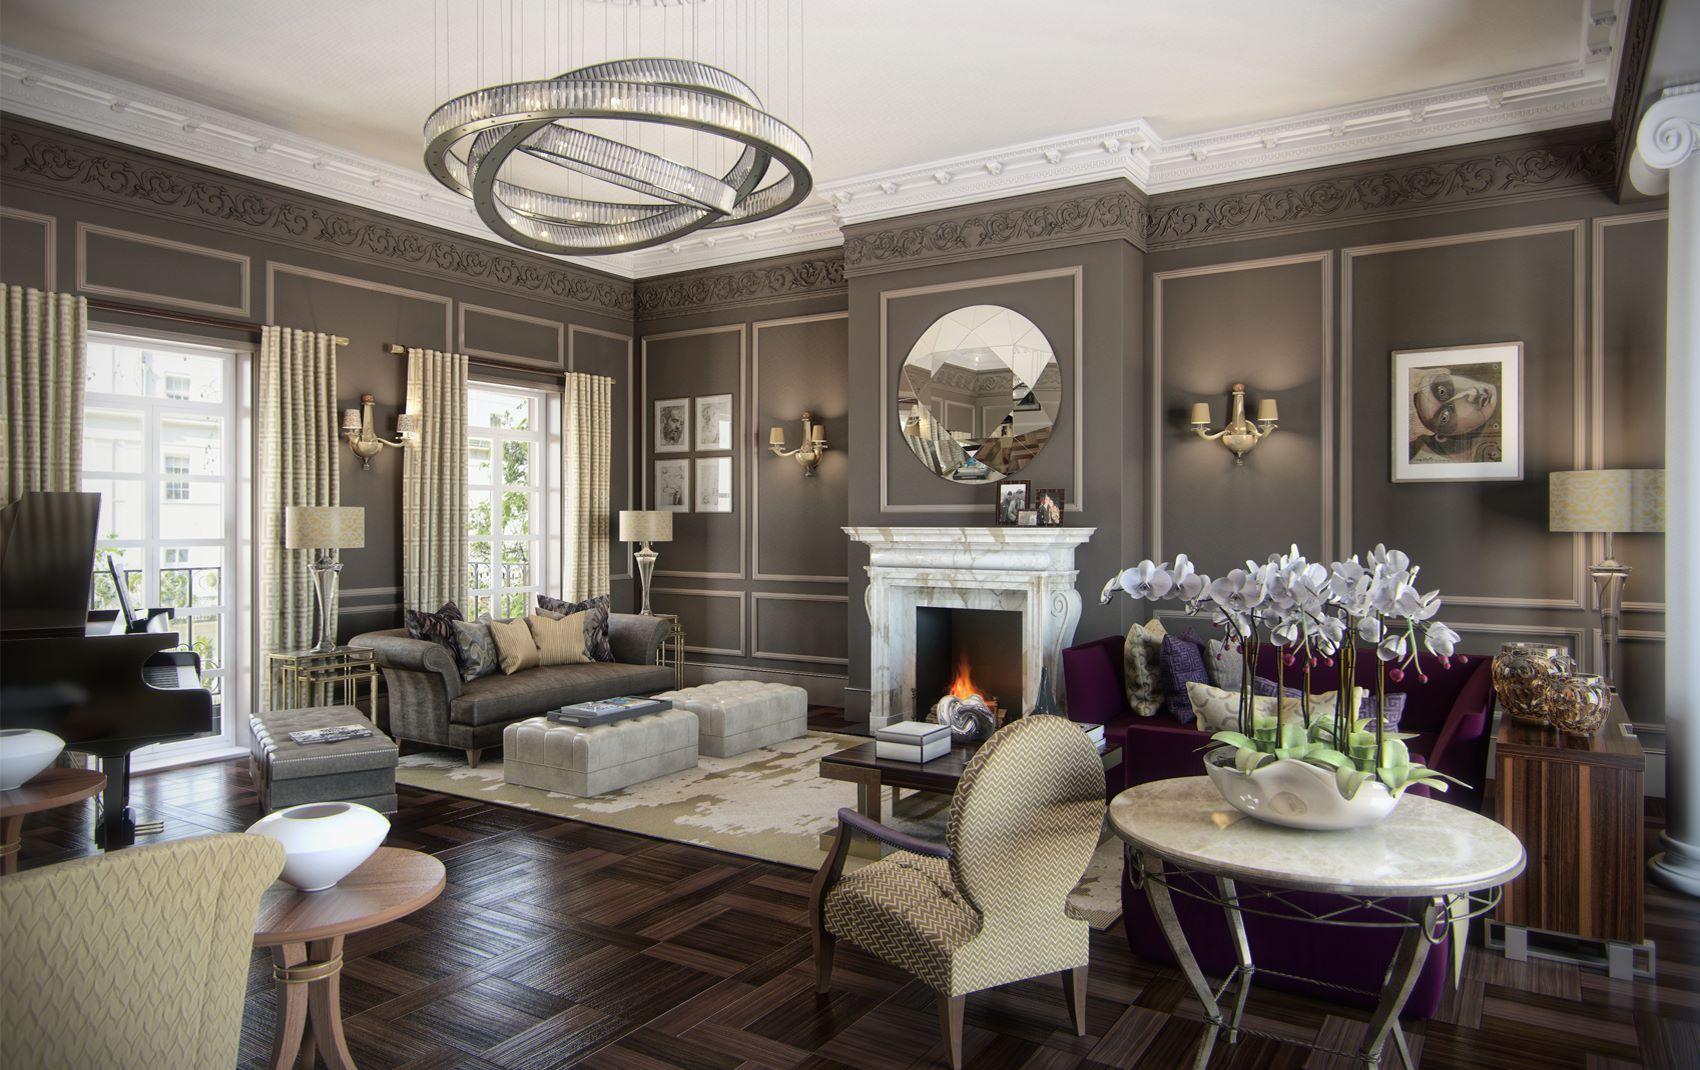 Ren dekker design london high end luxury exclusive interior design by ren dekker